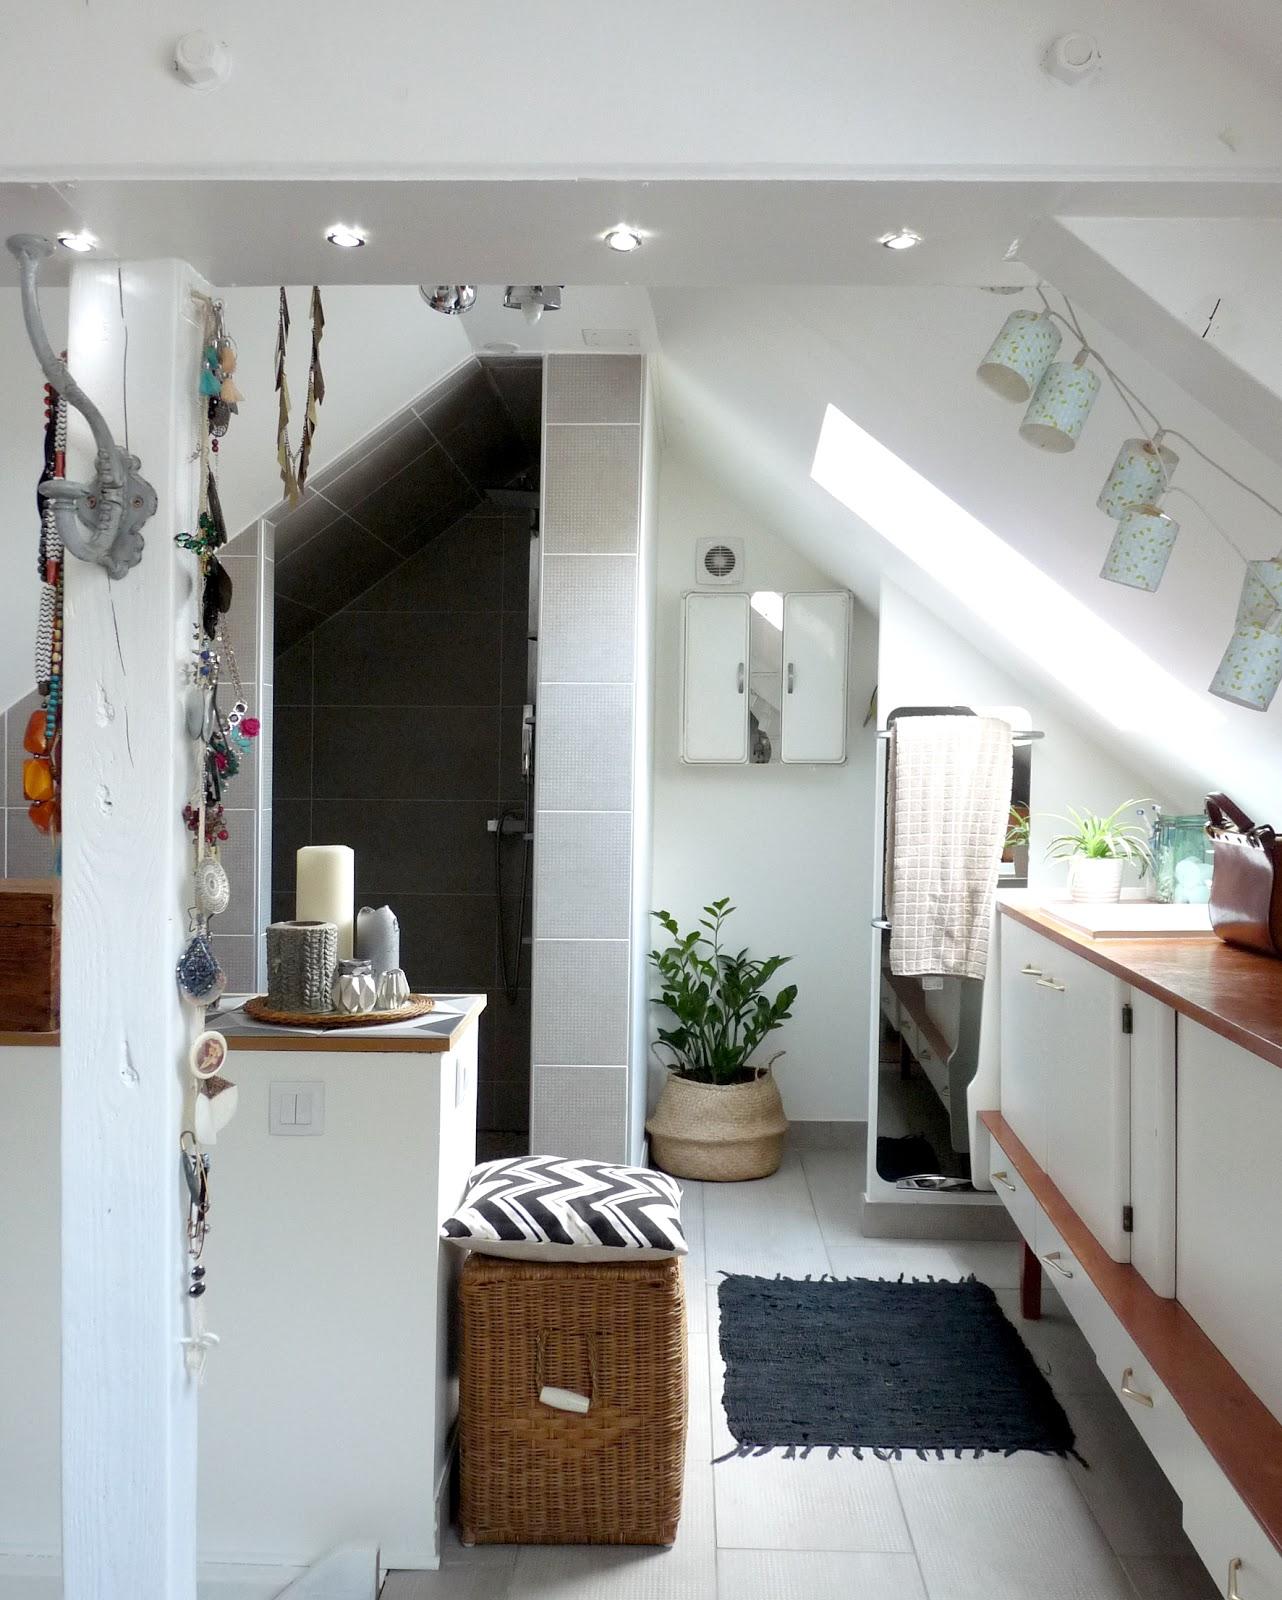 rue rivoirette avant apres une salle de bain dans les combles. Black Bedroom Furniture Sets. Home Design Ideas